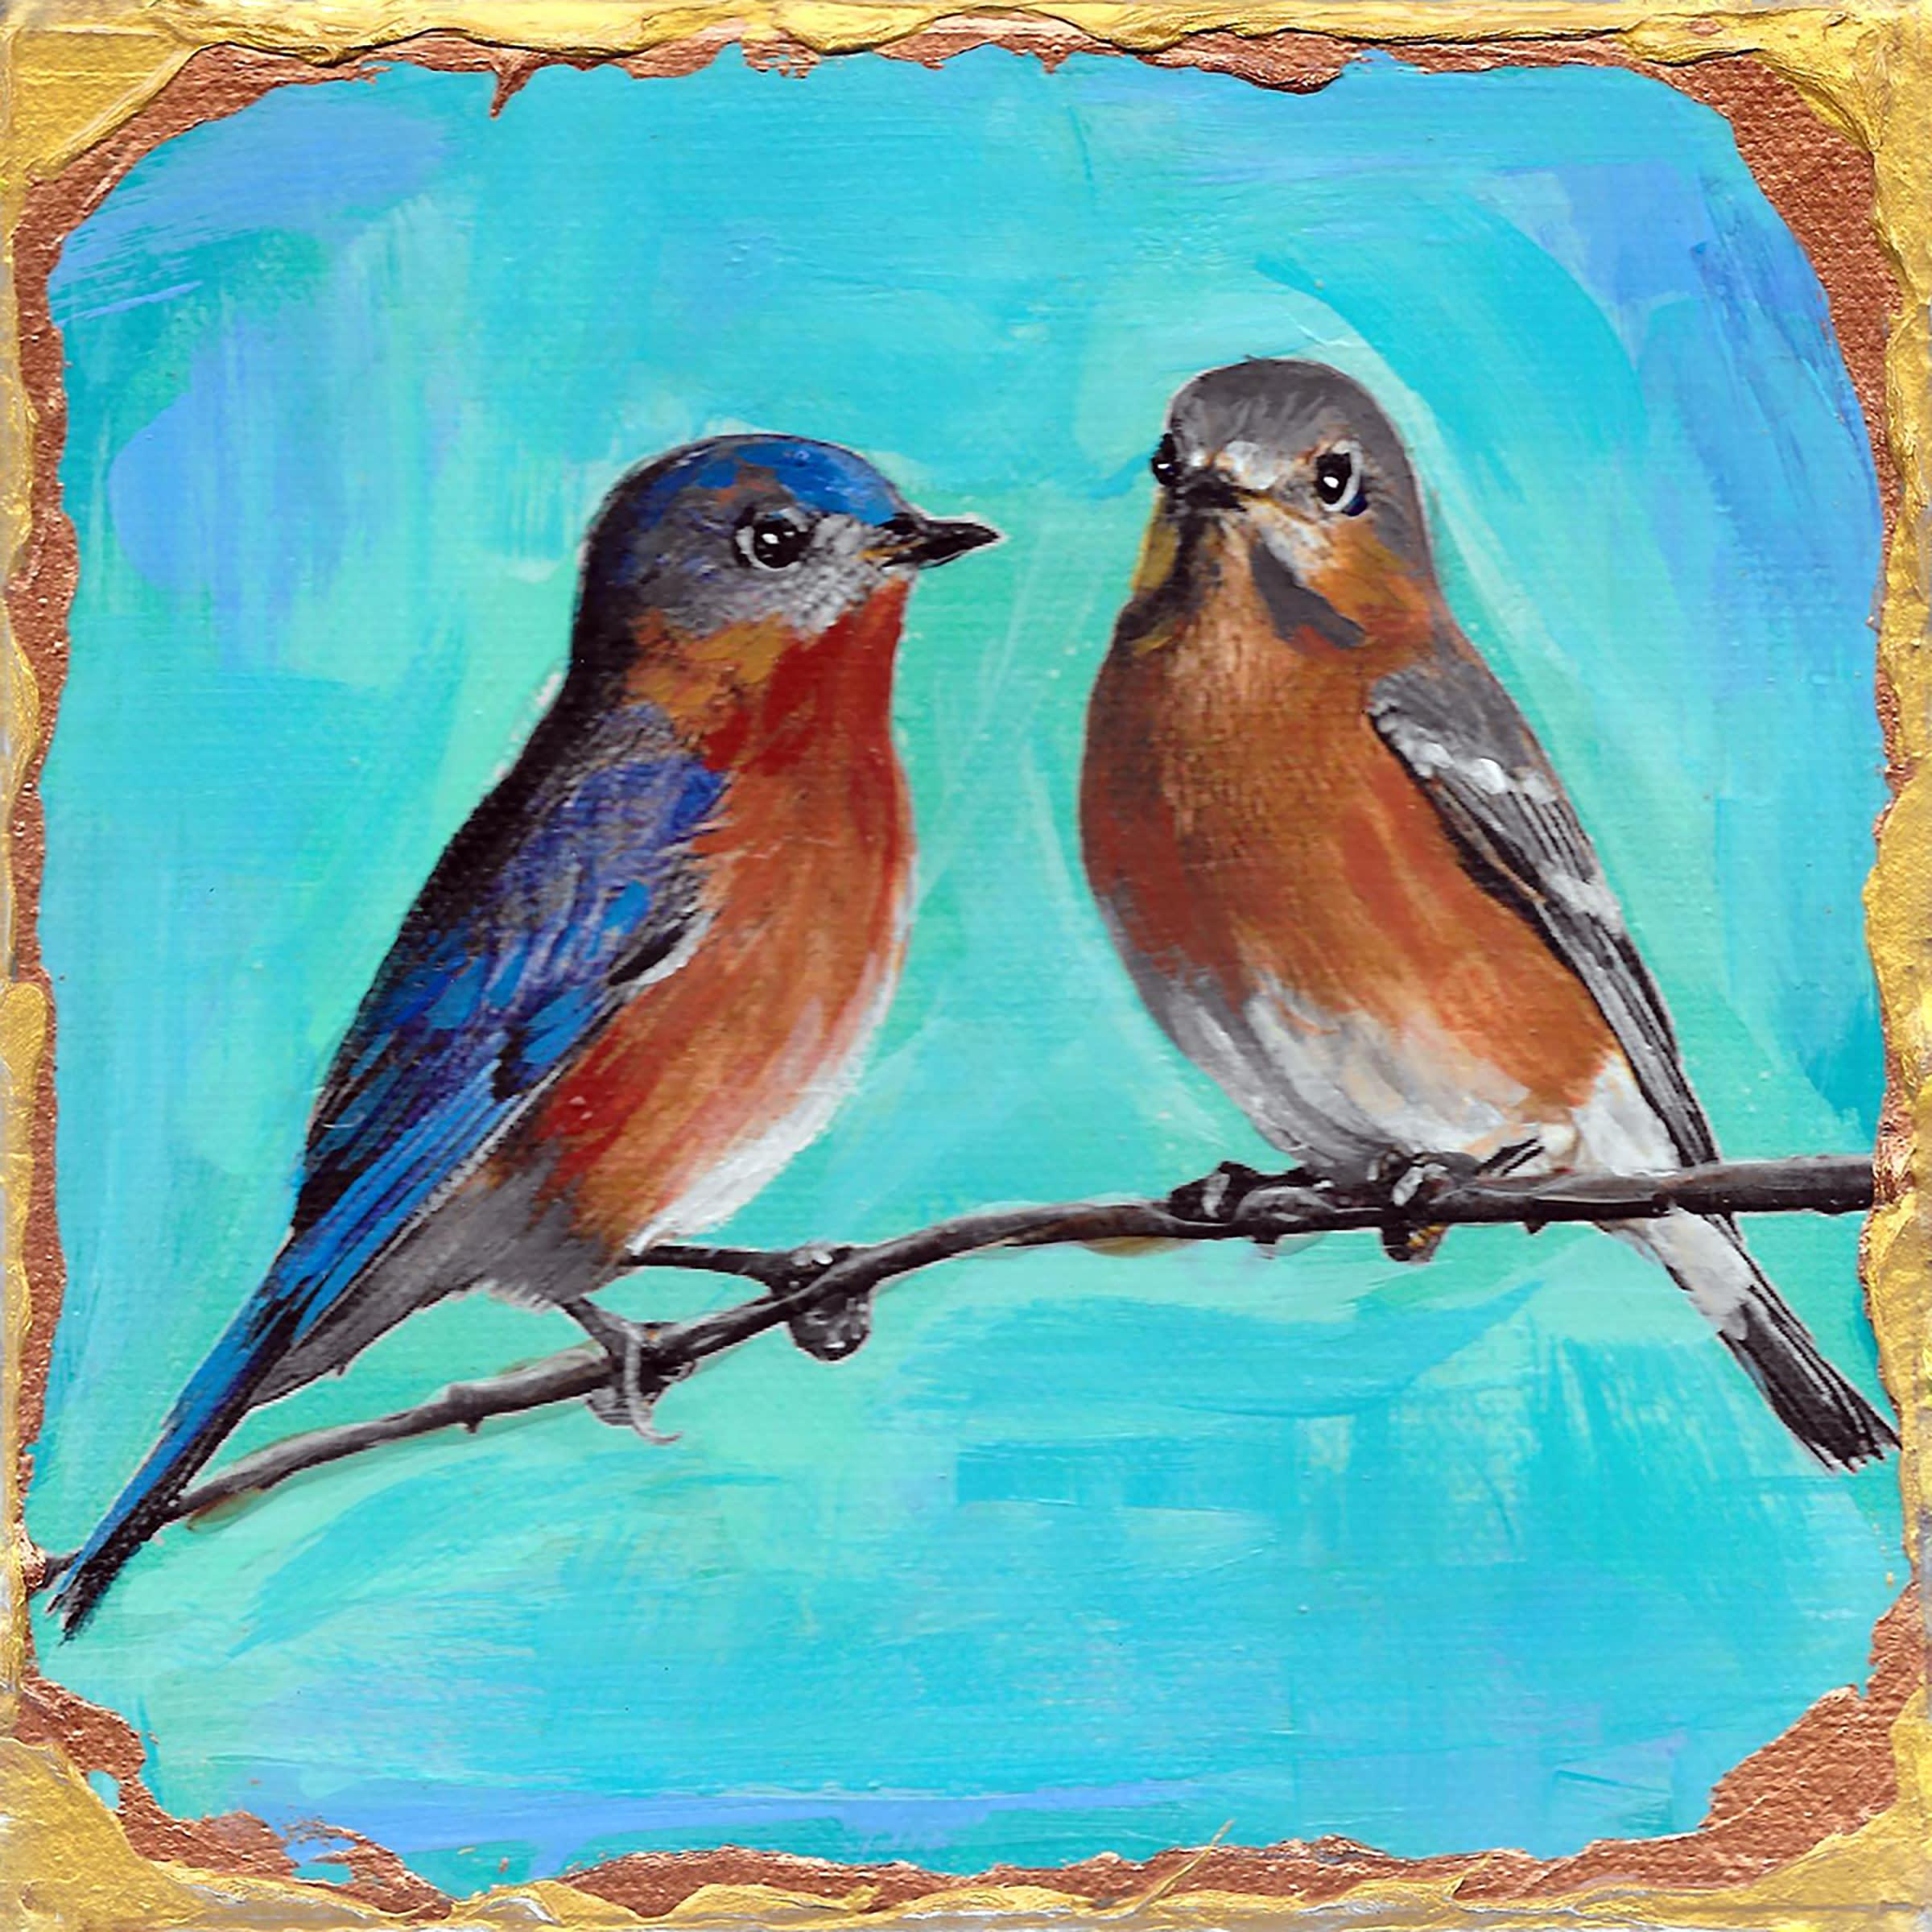 Eastern bluebird couple d6qkm2